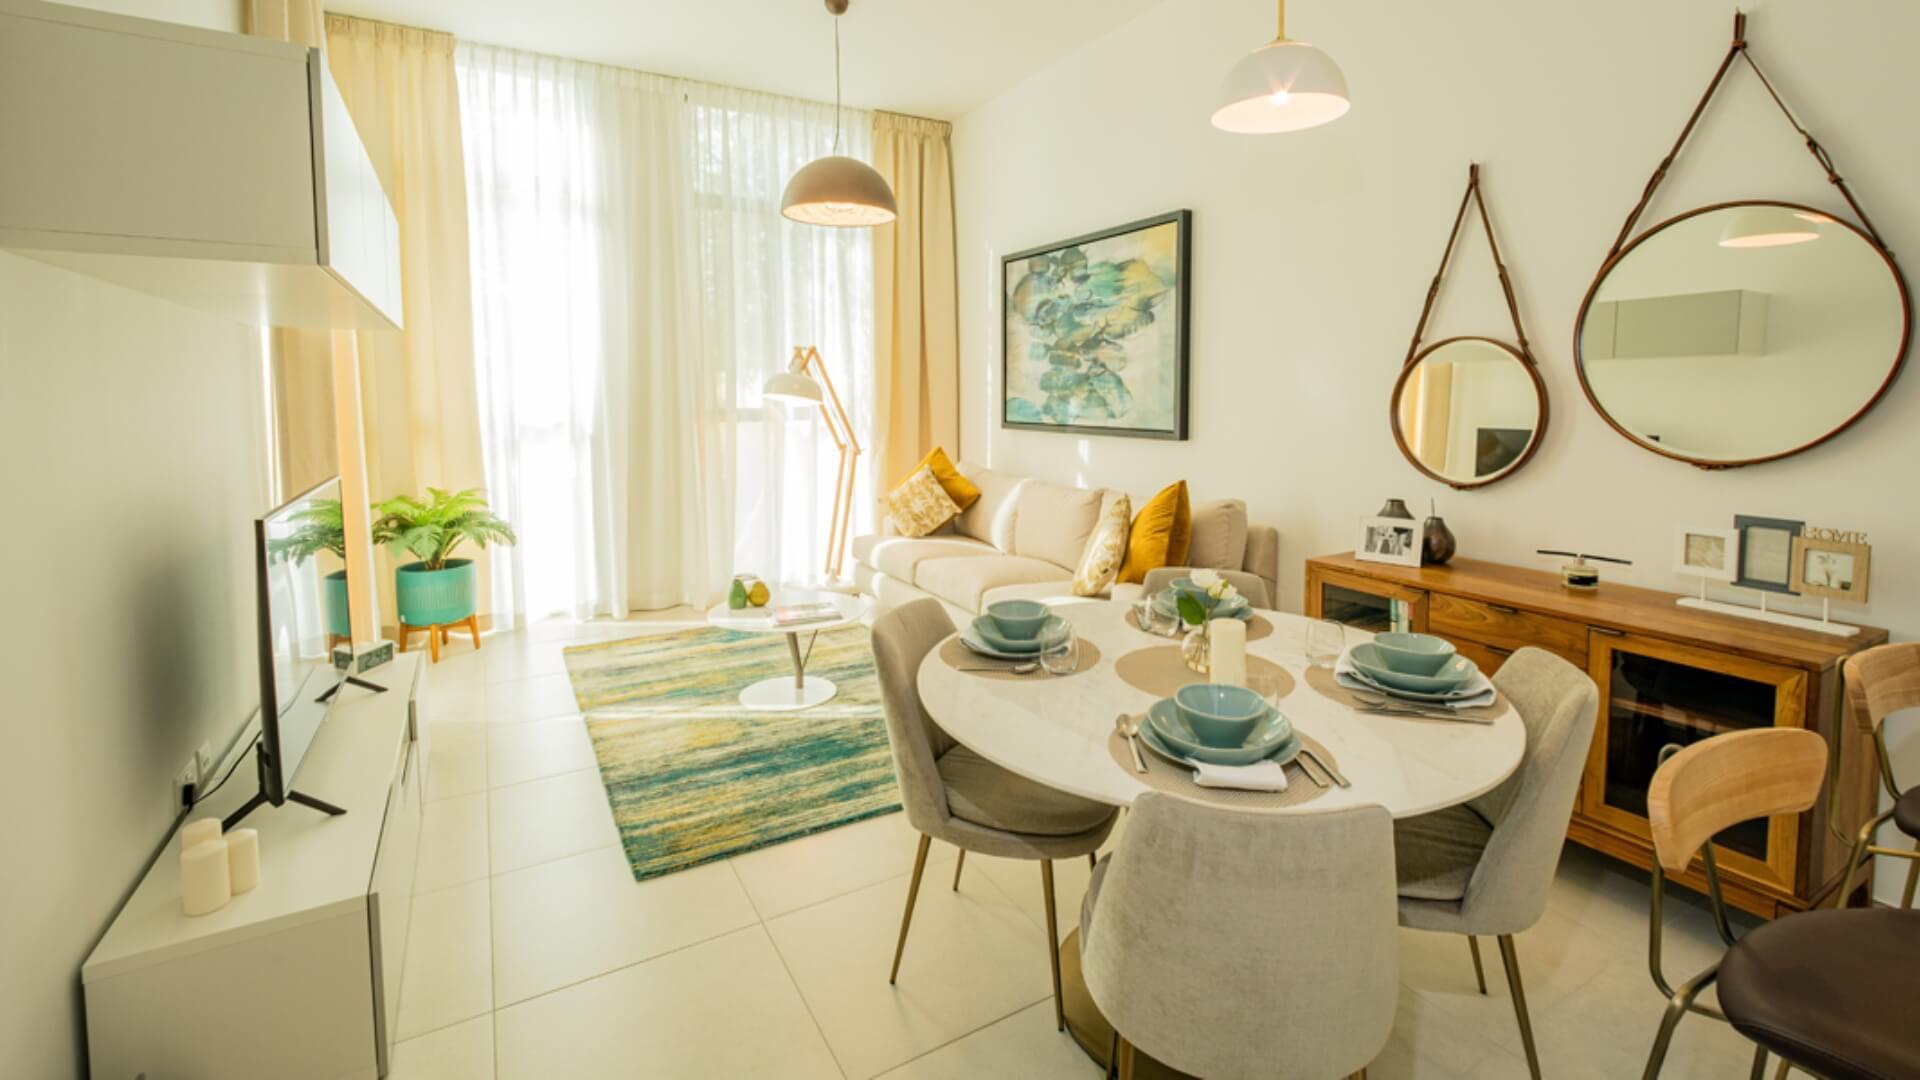 Apartamento en venta en Dubai, EAU, 2 dormitorios, 90 m2, № 24440 – foto 1